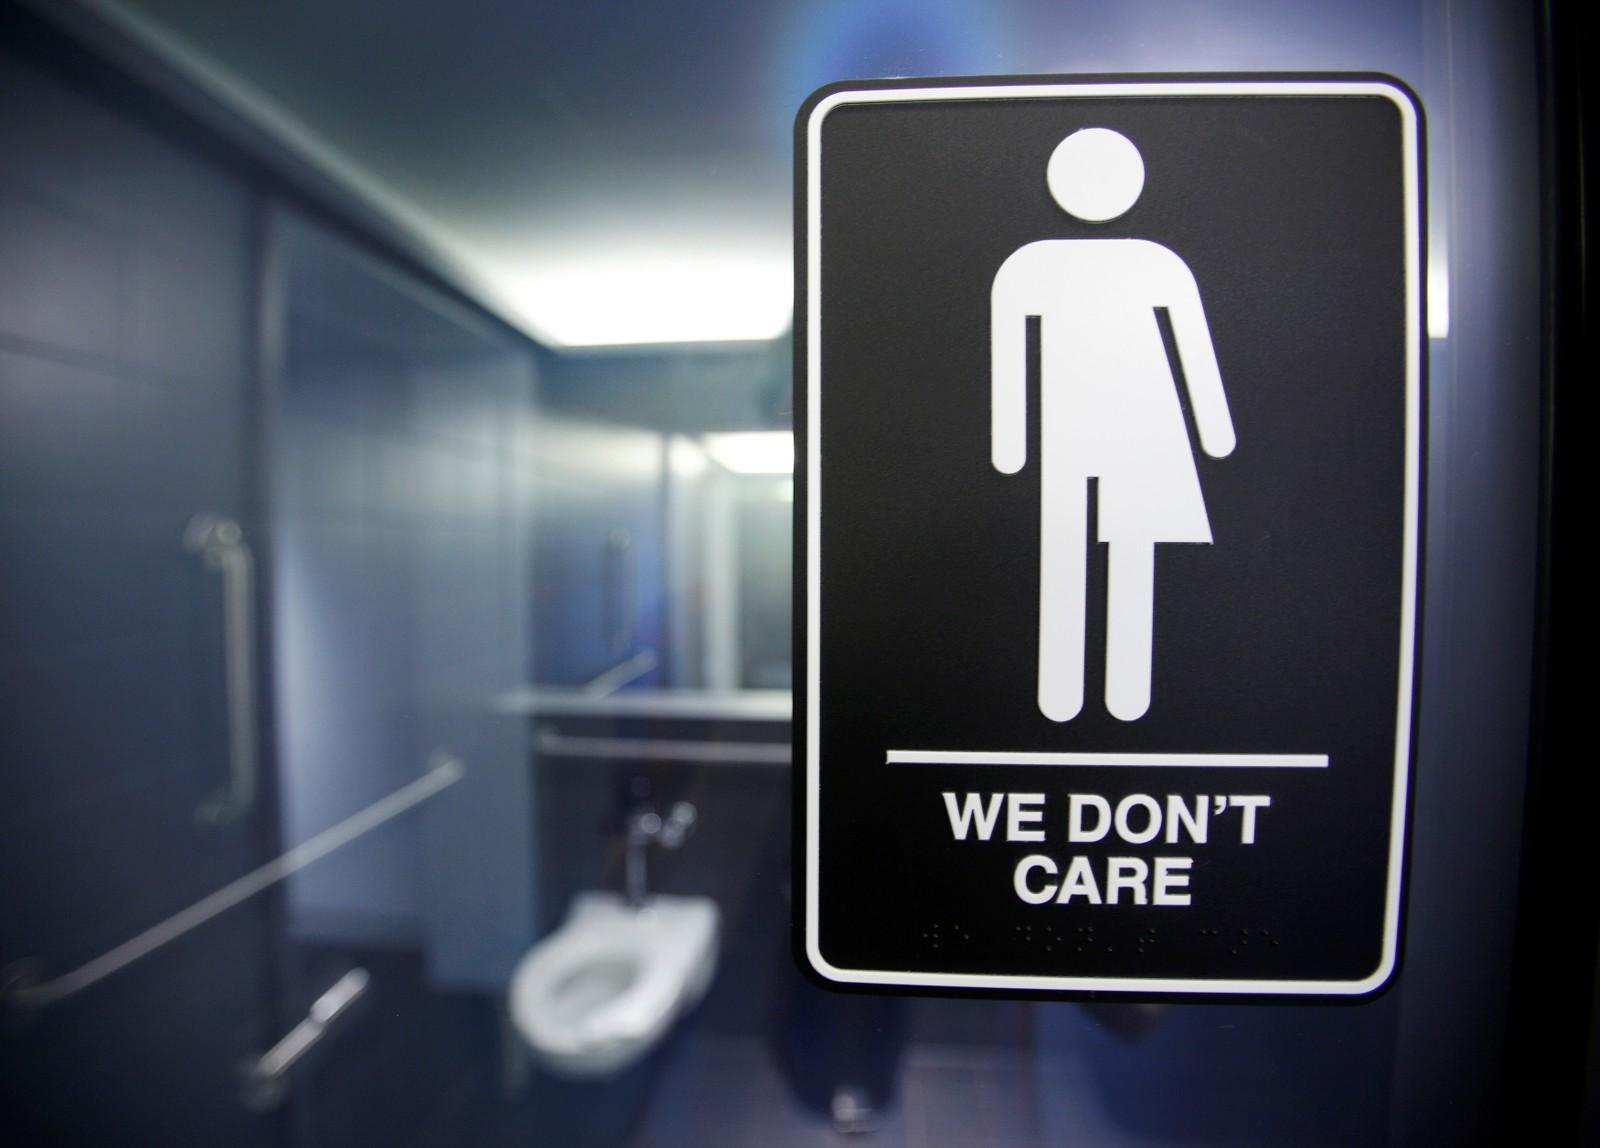 En stille protest ved 21C Museum Hotel i Durham, Nord-Carolina i USA denne uken mot innføringen av den kontroversielle loven House Bill 2 (HB2), også kalt «do-loven». Loven ble innført i Nord-Carolina 23. mars 2016 og nekter transpersoner å bruke det offentlige toalettet de ønsker. De må i stedet bruke toalettet for det kjønnet de er født med. Bruce Springsteen er blant artistene som har boikotta opptredener i delstaten i protest mot den nye loven.